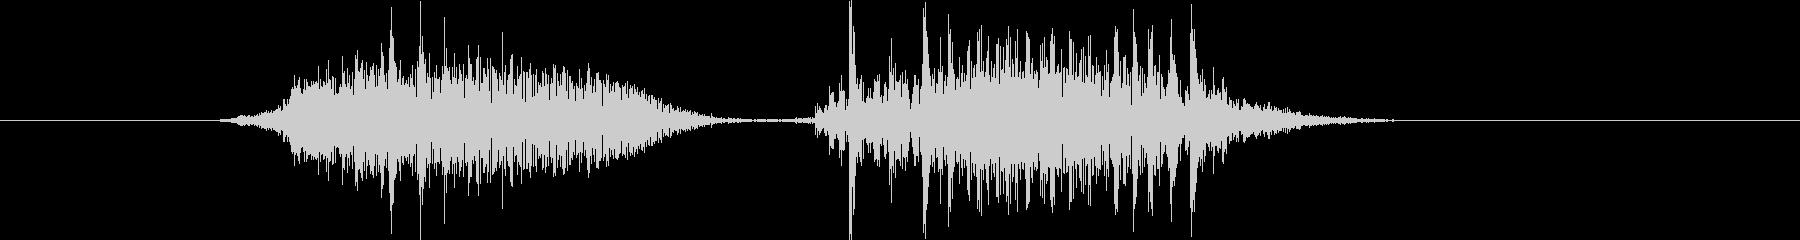 トランジション 擦れる音 17 の未再生の波形